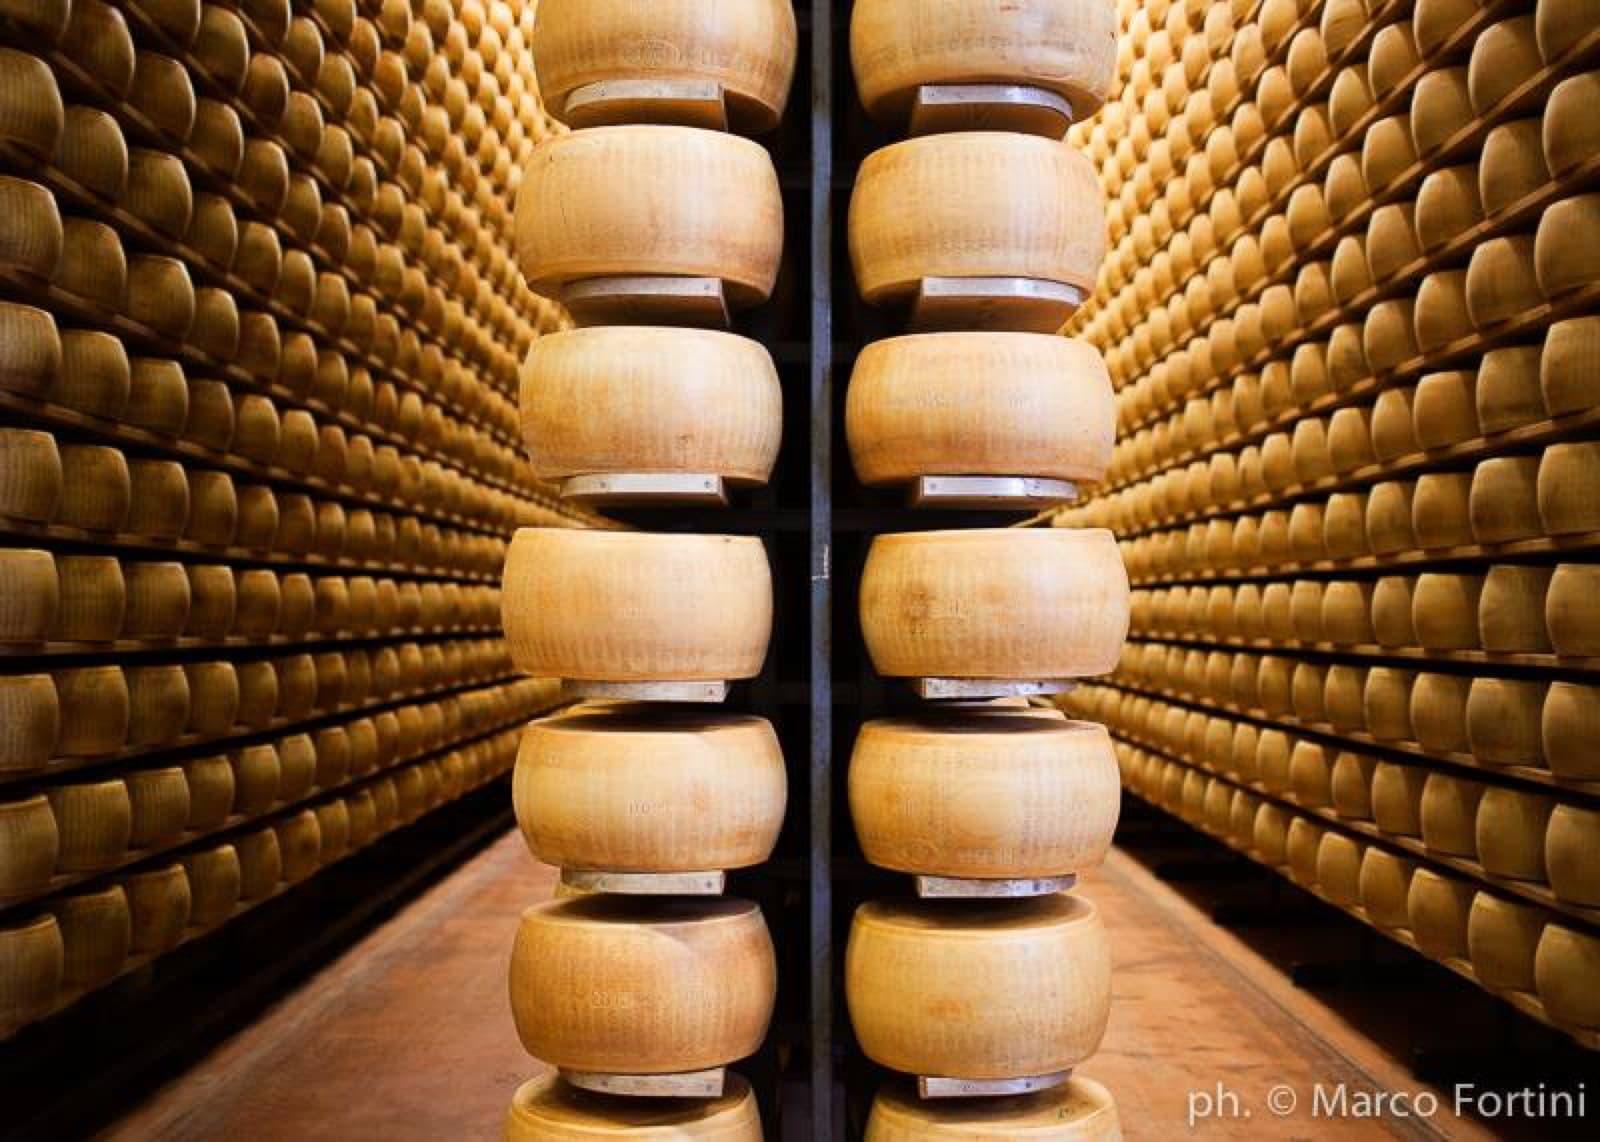 Parmigiano Reggiano | Ph. Marco Fortini